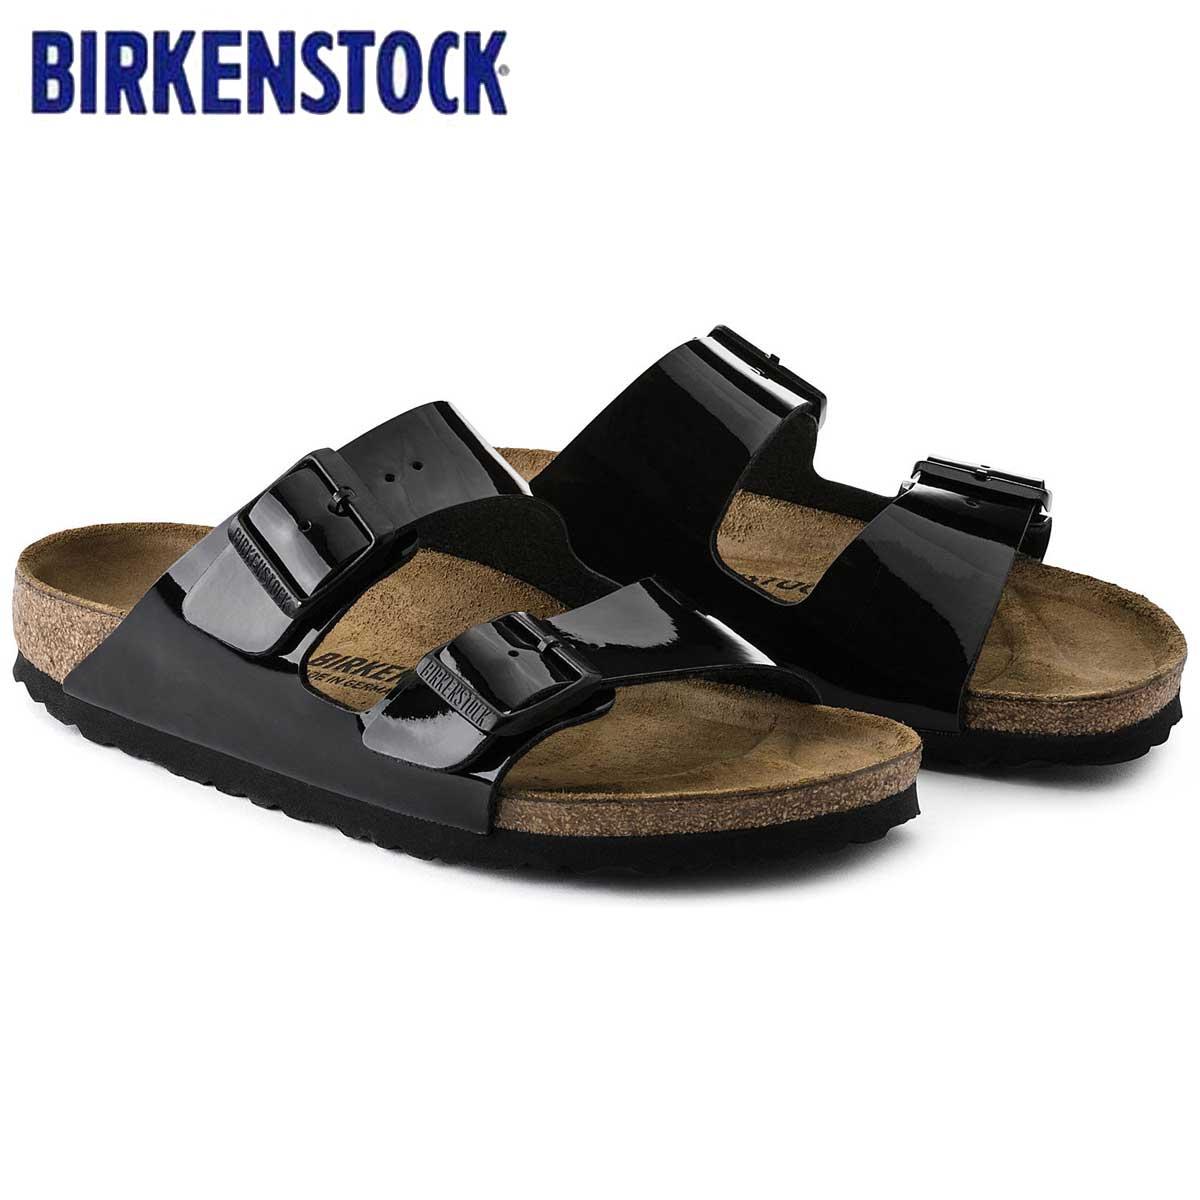 ビルケンシュトック BIRKENSTOCK ARIZONA(アリゾナ)GC 1005292 ブラック パテント(ビルコフロー)(レディース サンダル)「正規輸入品」ドイツ生まれの快適サンダル「靴」